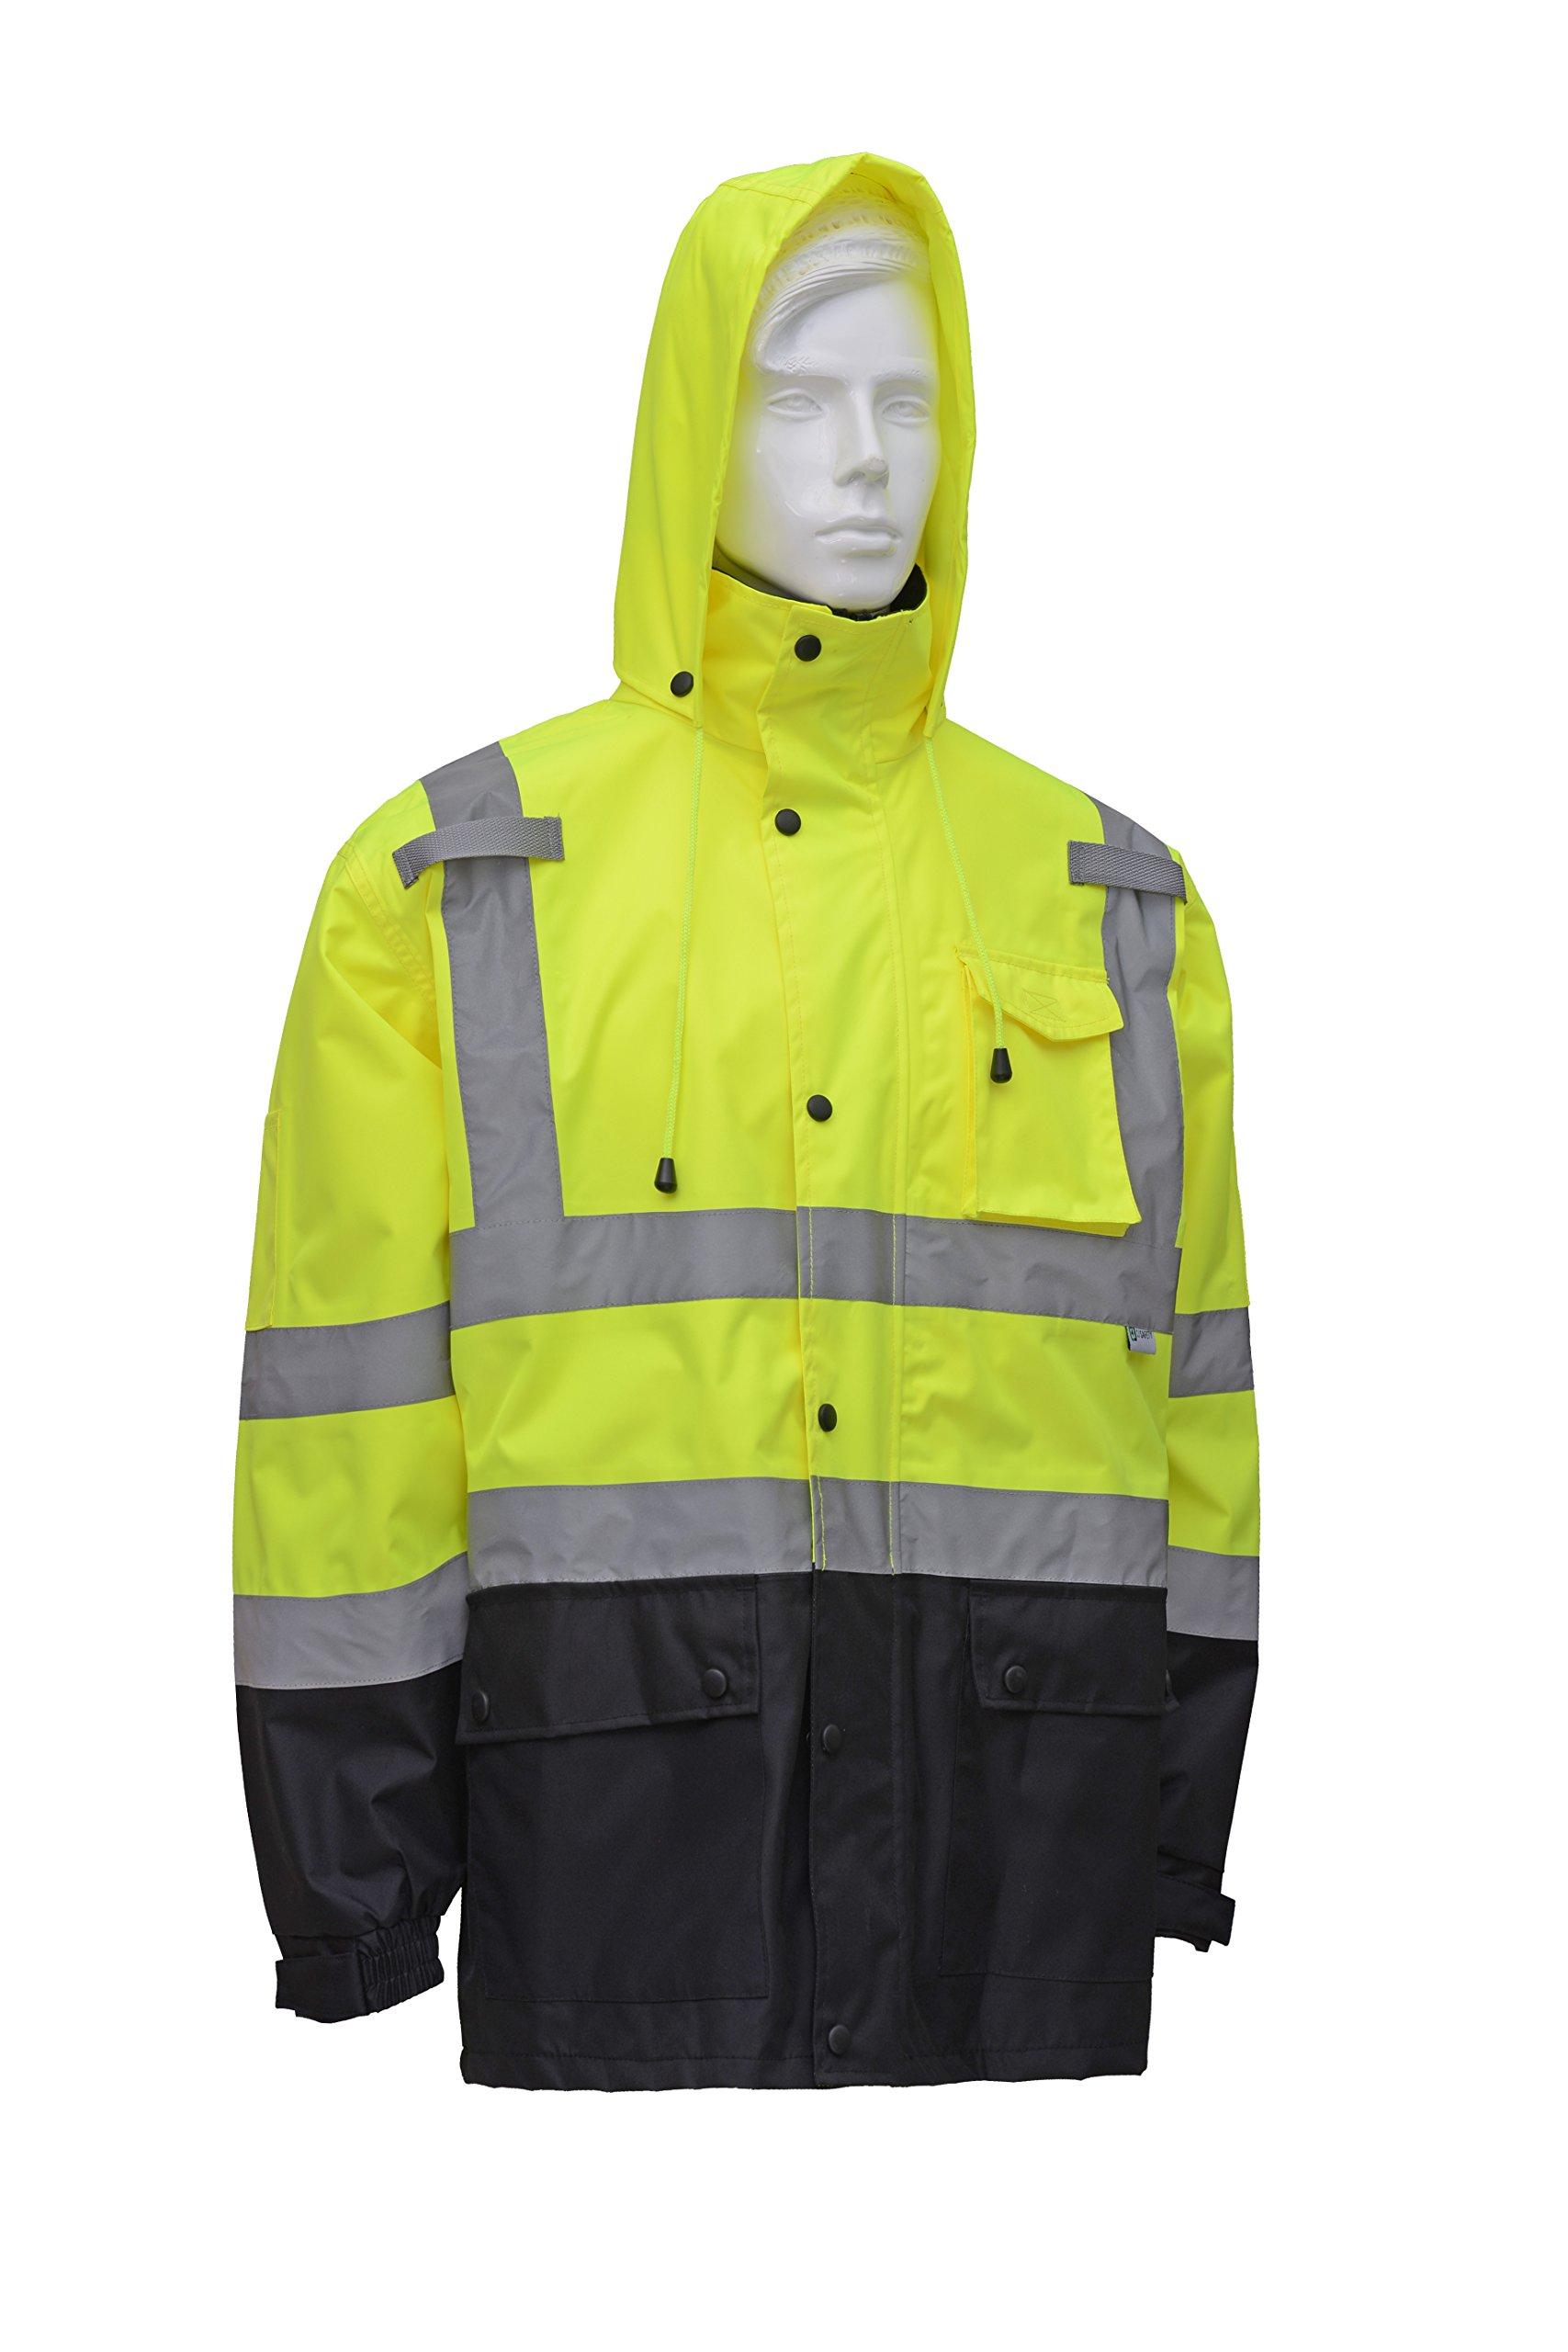 CJ Safety CJHVRJ3002 High Visibility Black Bottom Safety Rain Jacket (Extra Large)